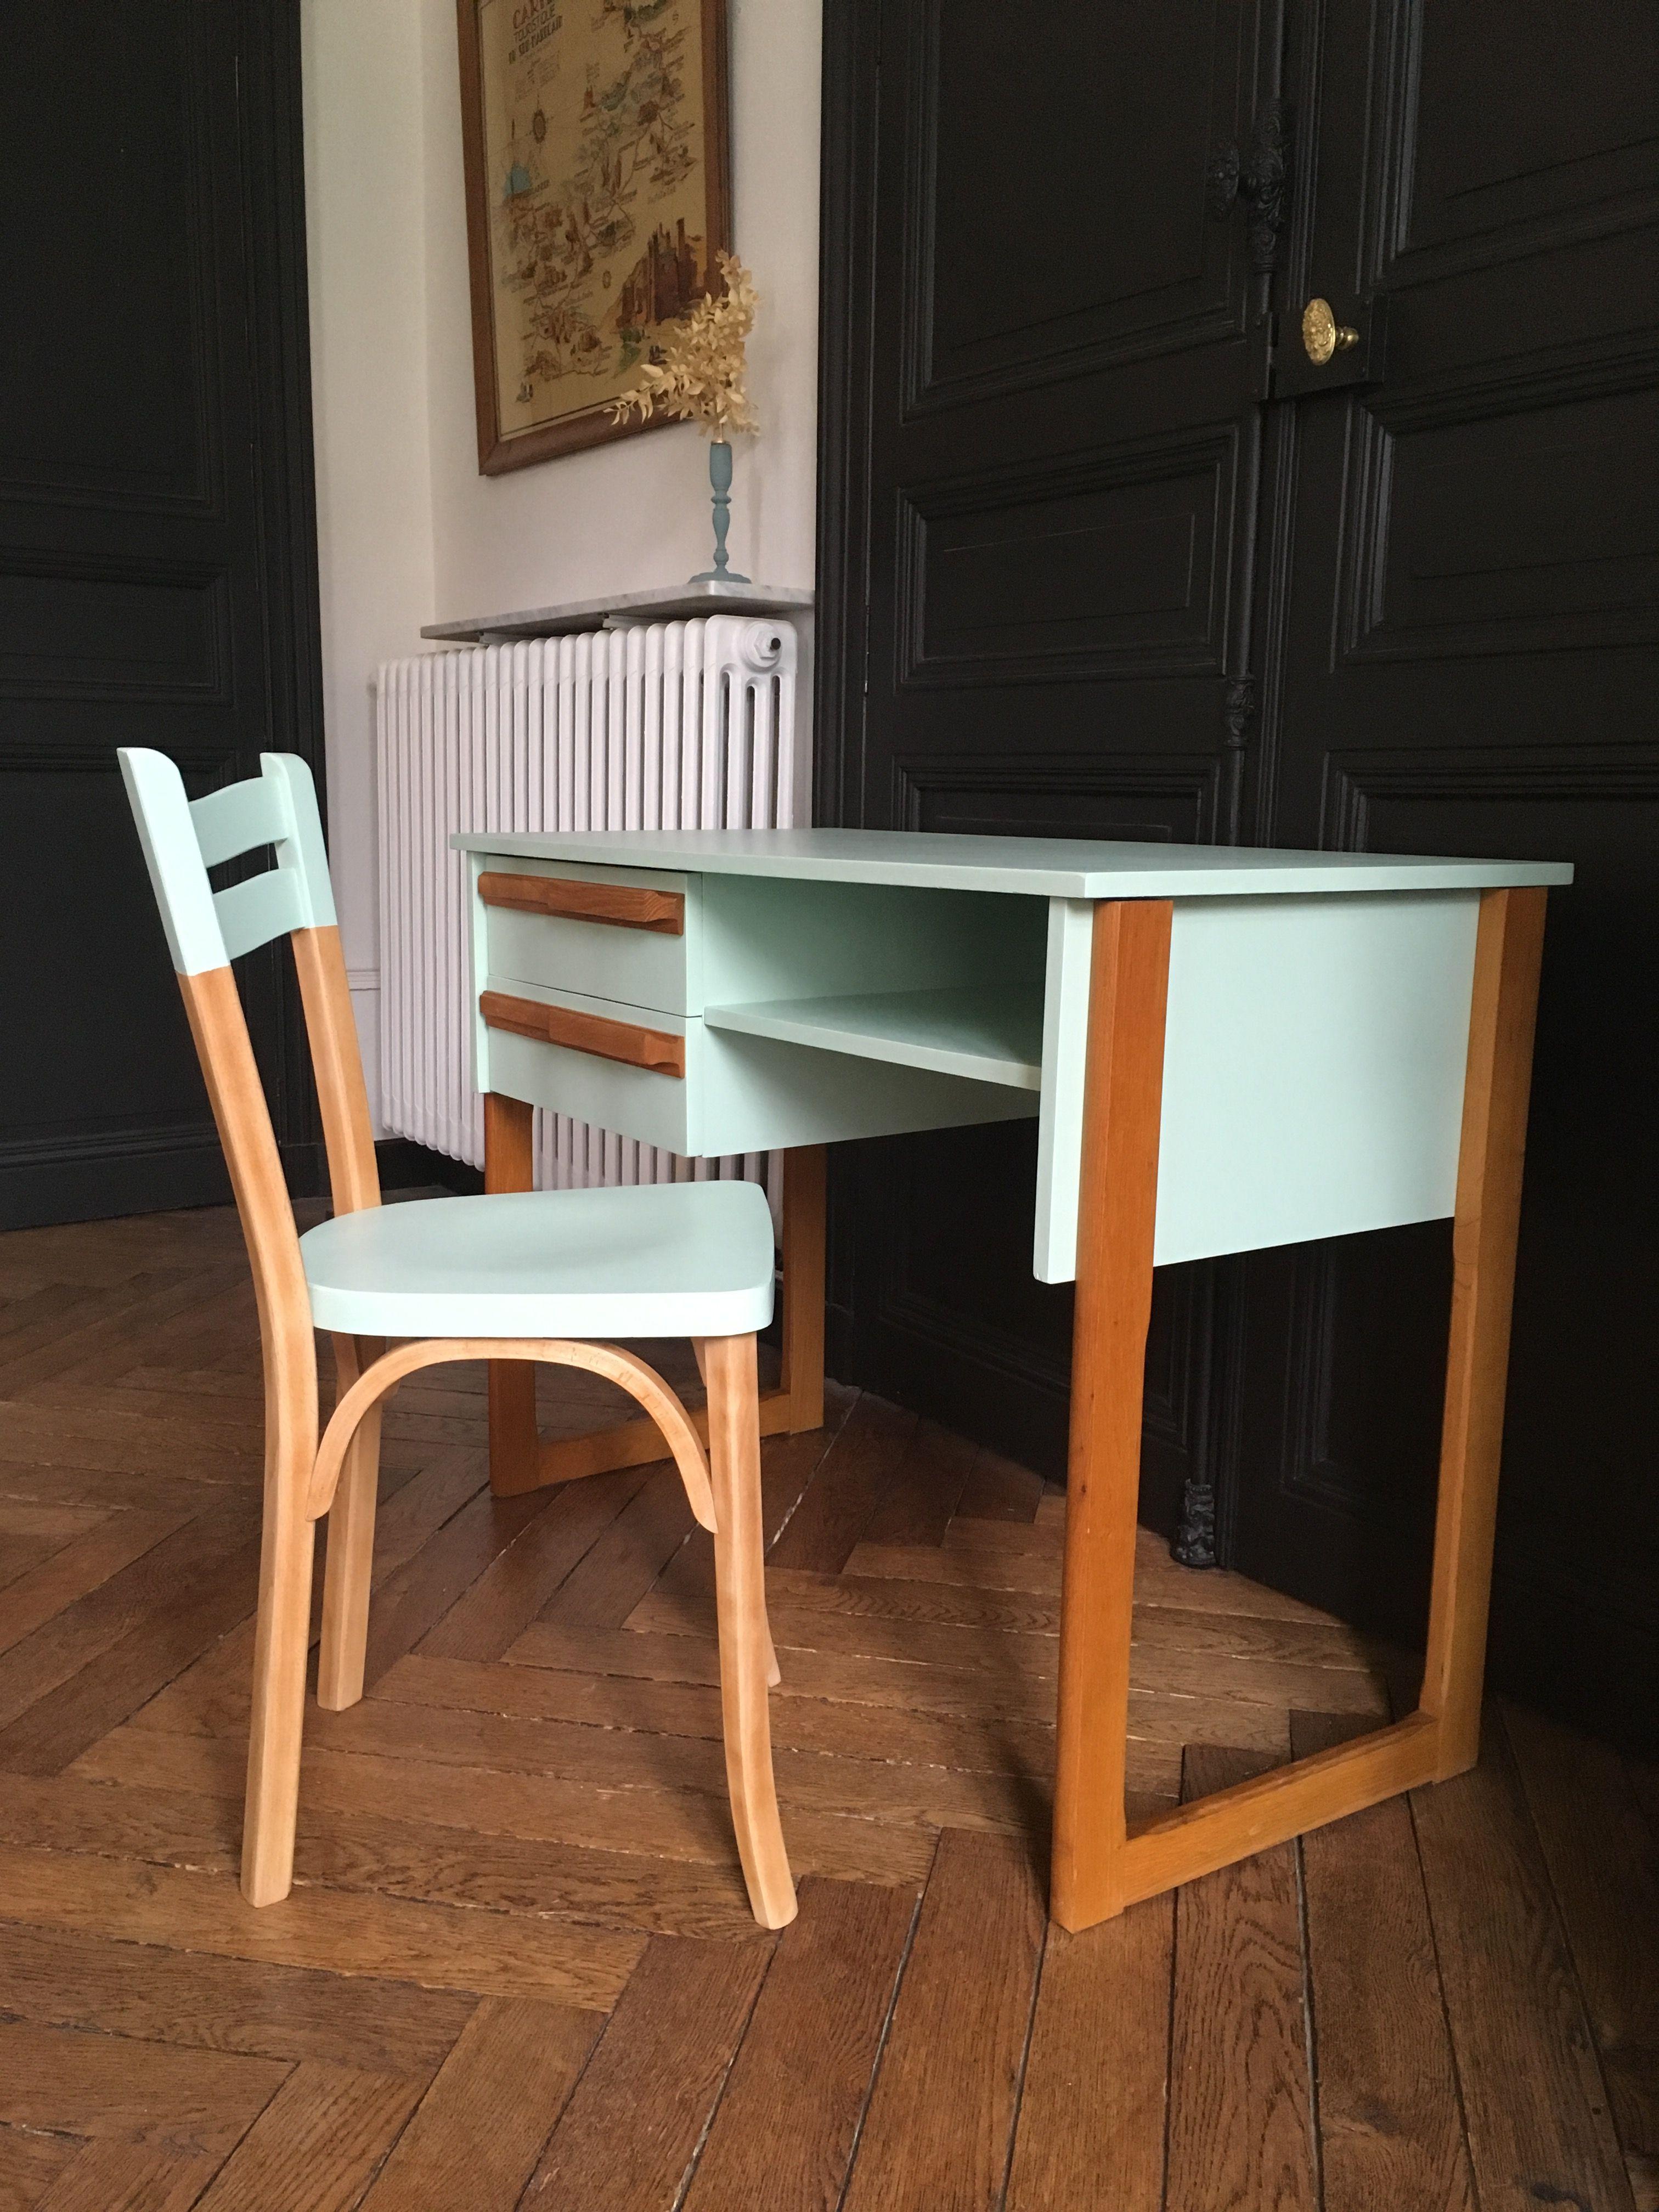 Bureau Vintage Scandinave Vert Celadon Meubles Vintage